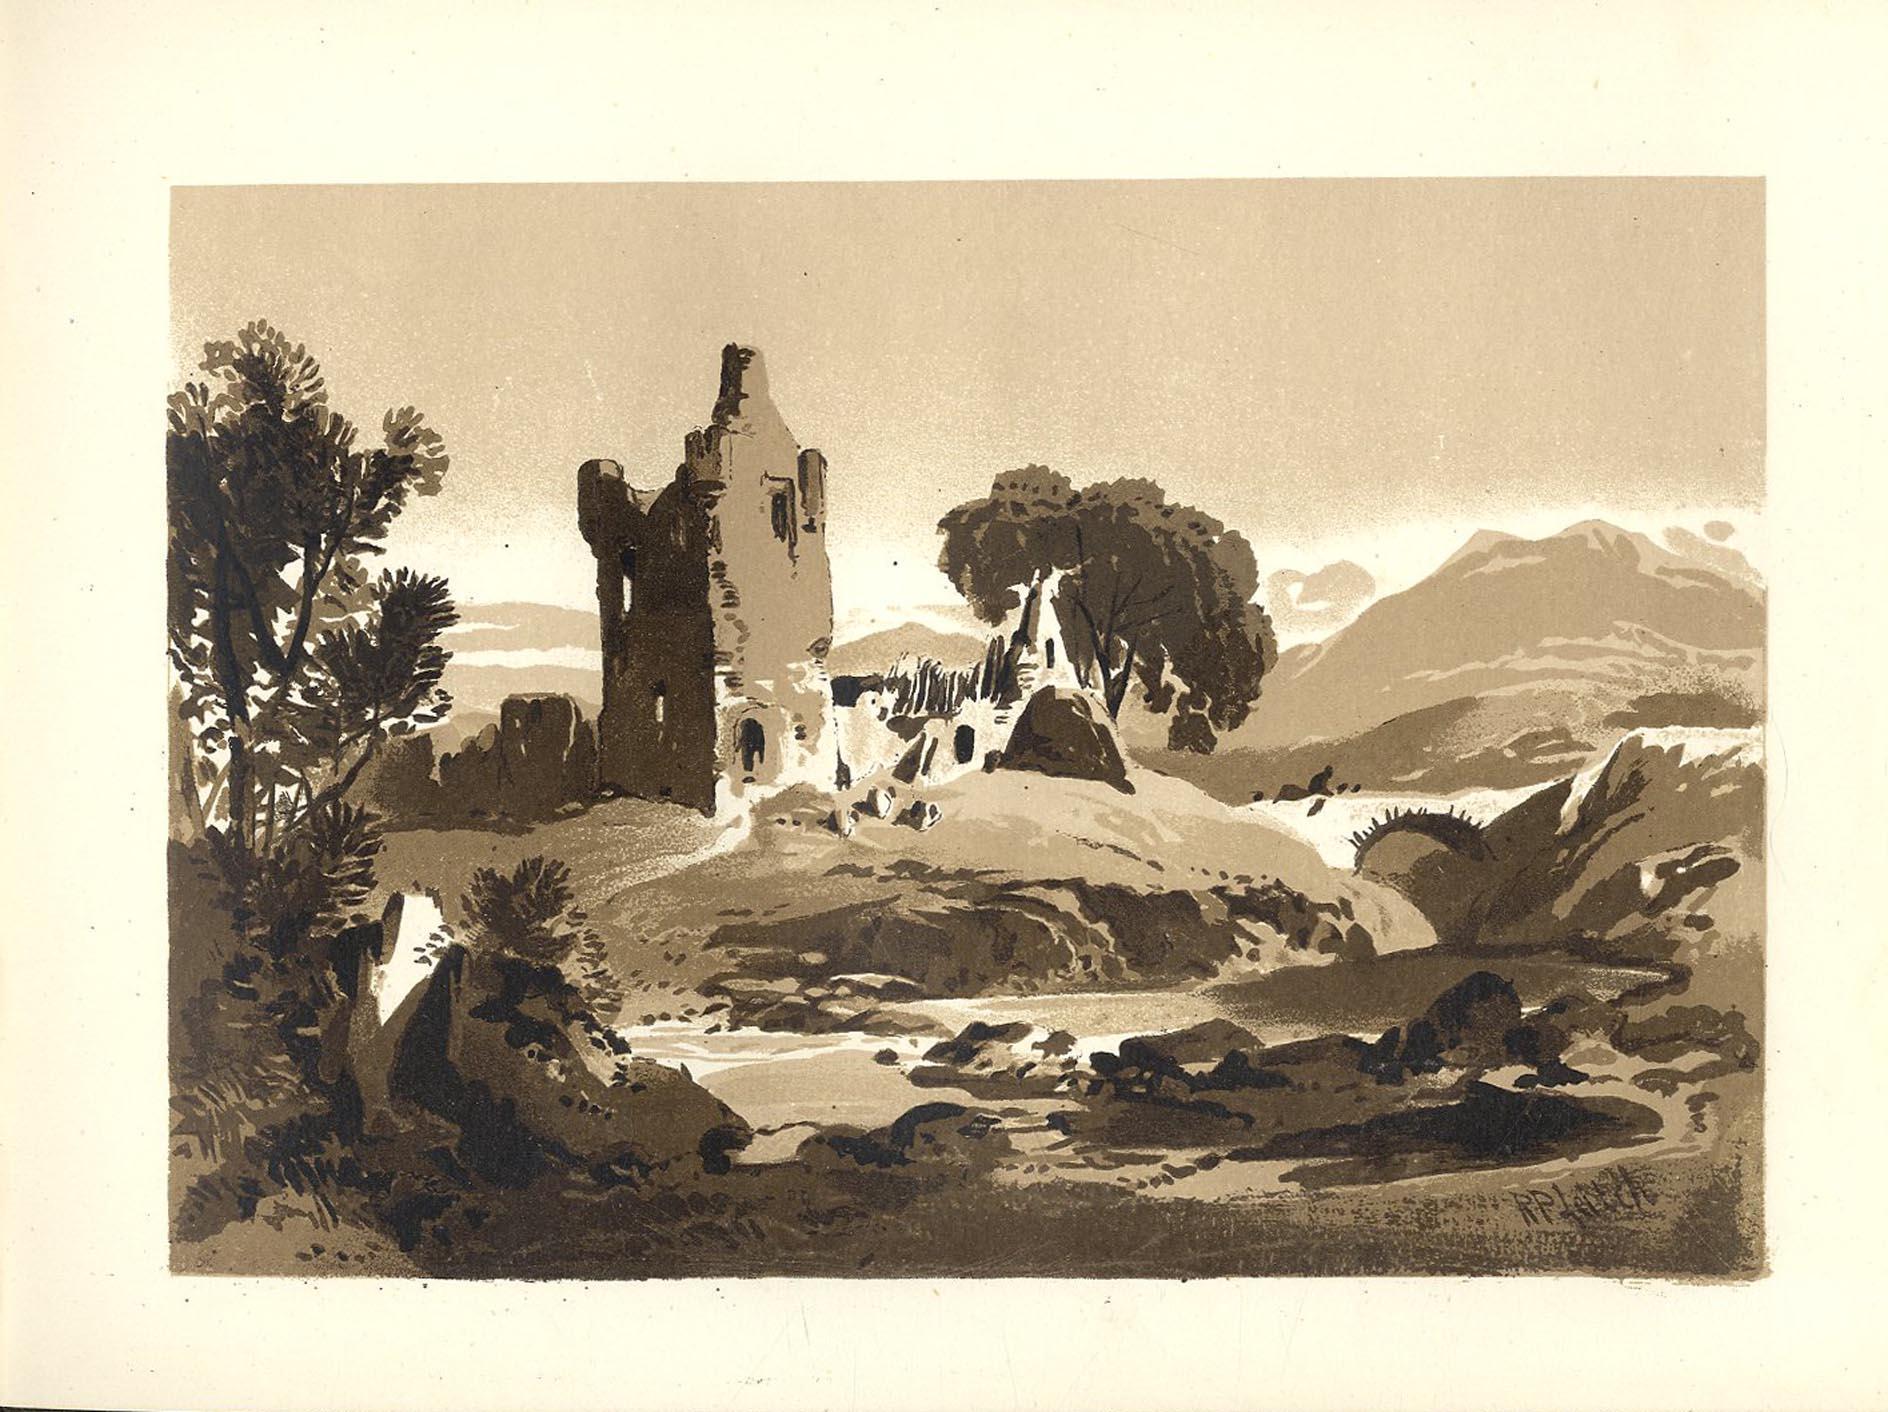 SH608.jpg (1888×1412)